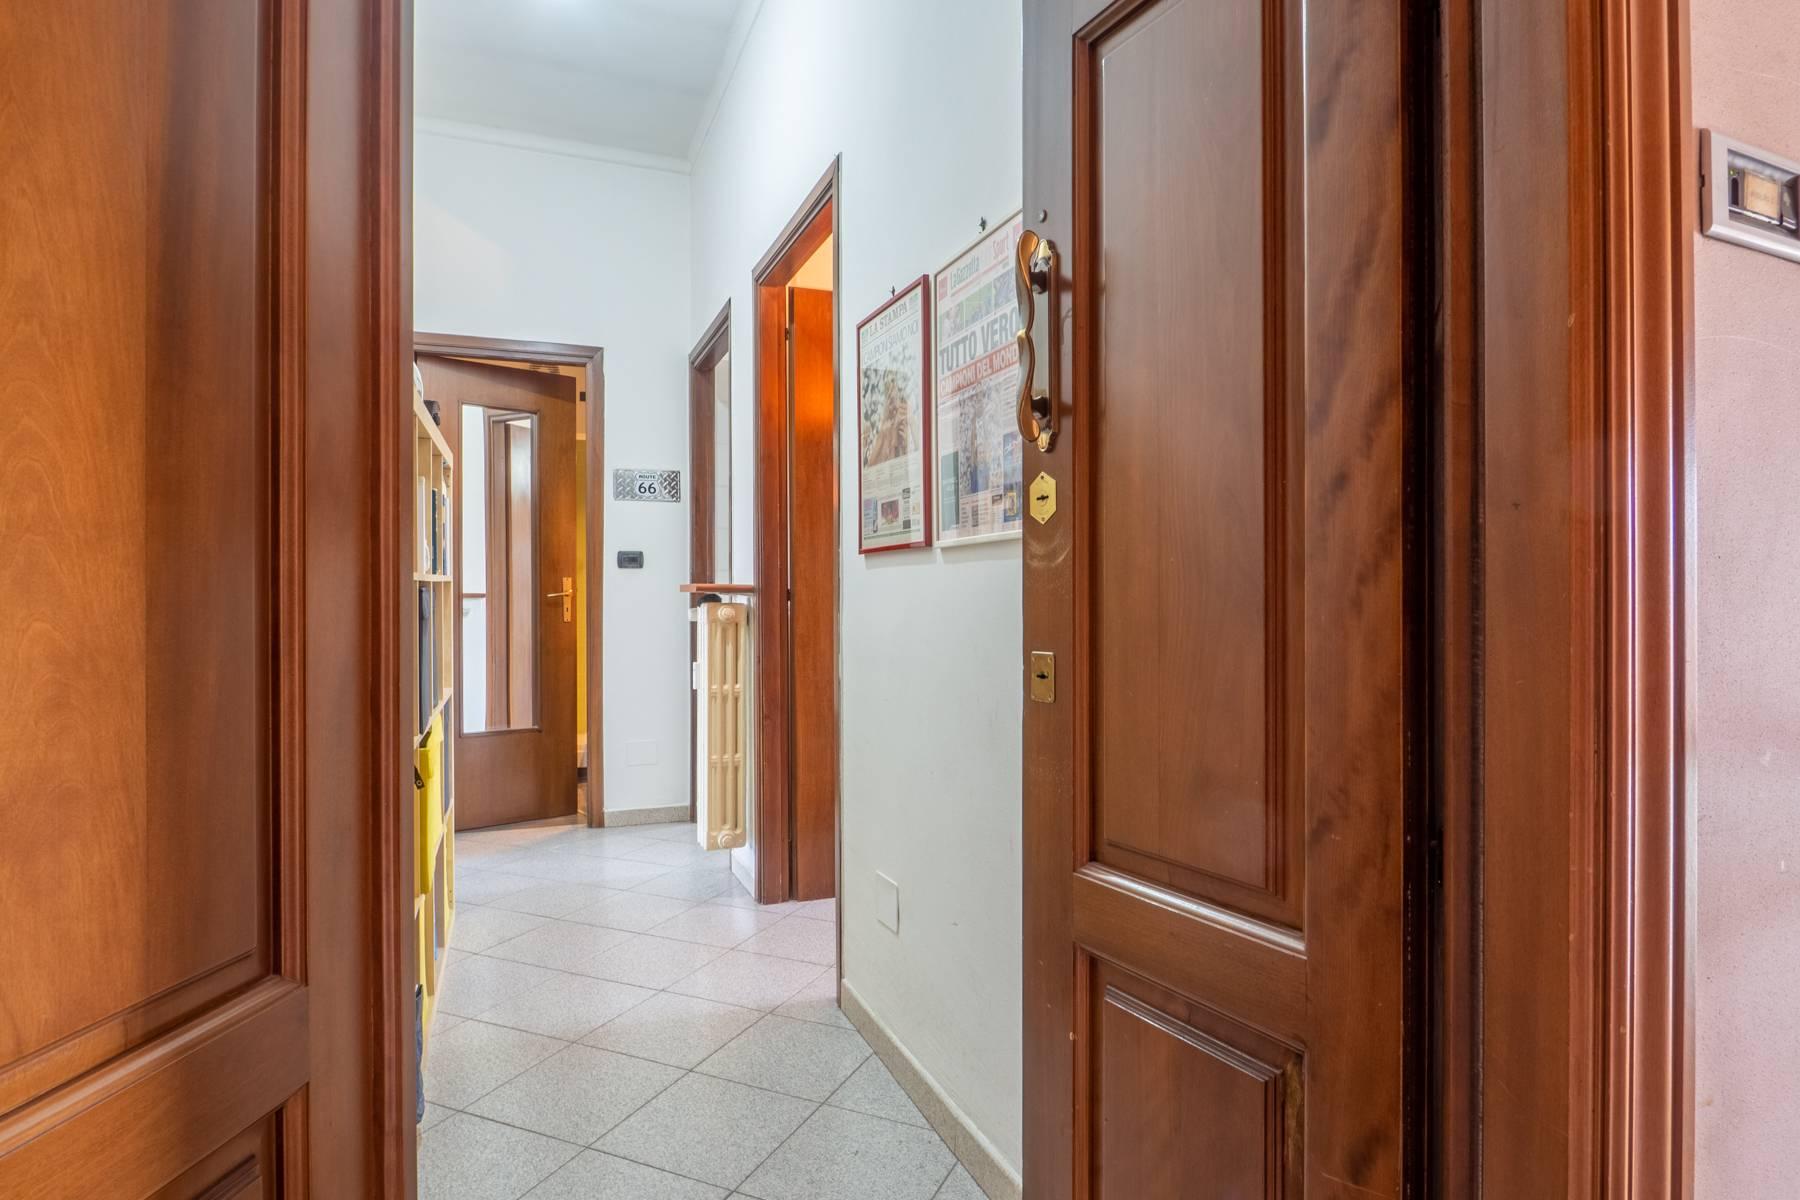 Appartamento in Vendita a Torino: 3 locali, 75 mq - Foto 4